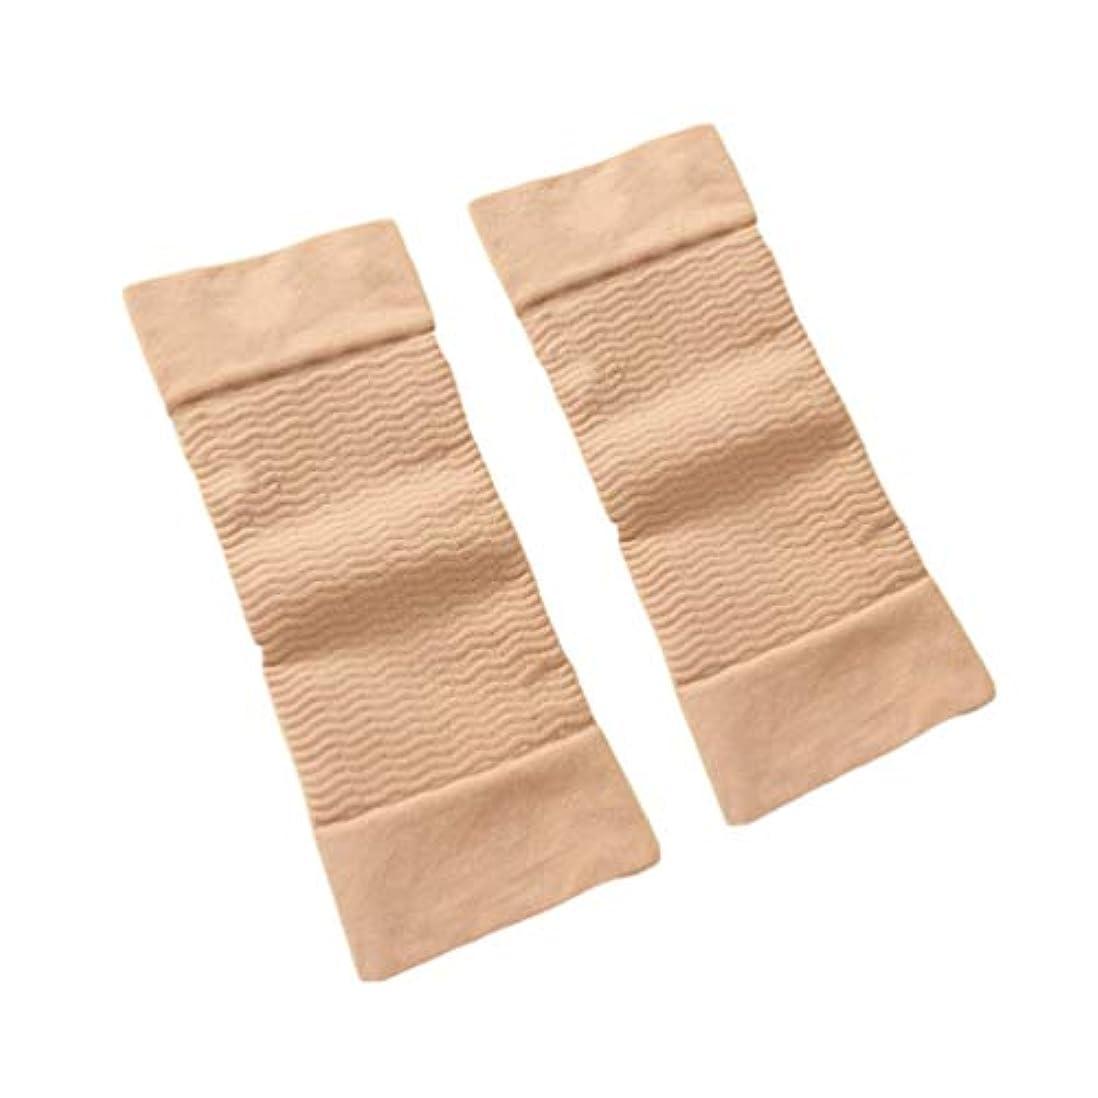 鷲精査サポート1ペア420 D圧縮痩身アームスリーブワークアウトトーニングバーンセルライトシェイパー脂肪燃焼袖用女性 - 肌色